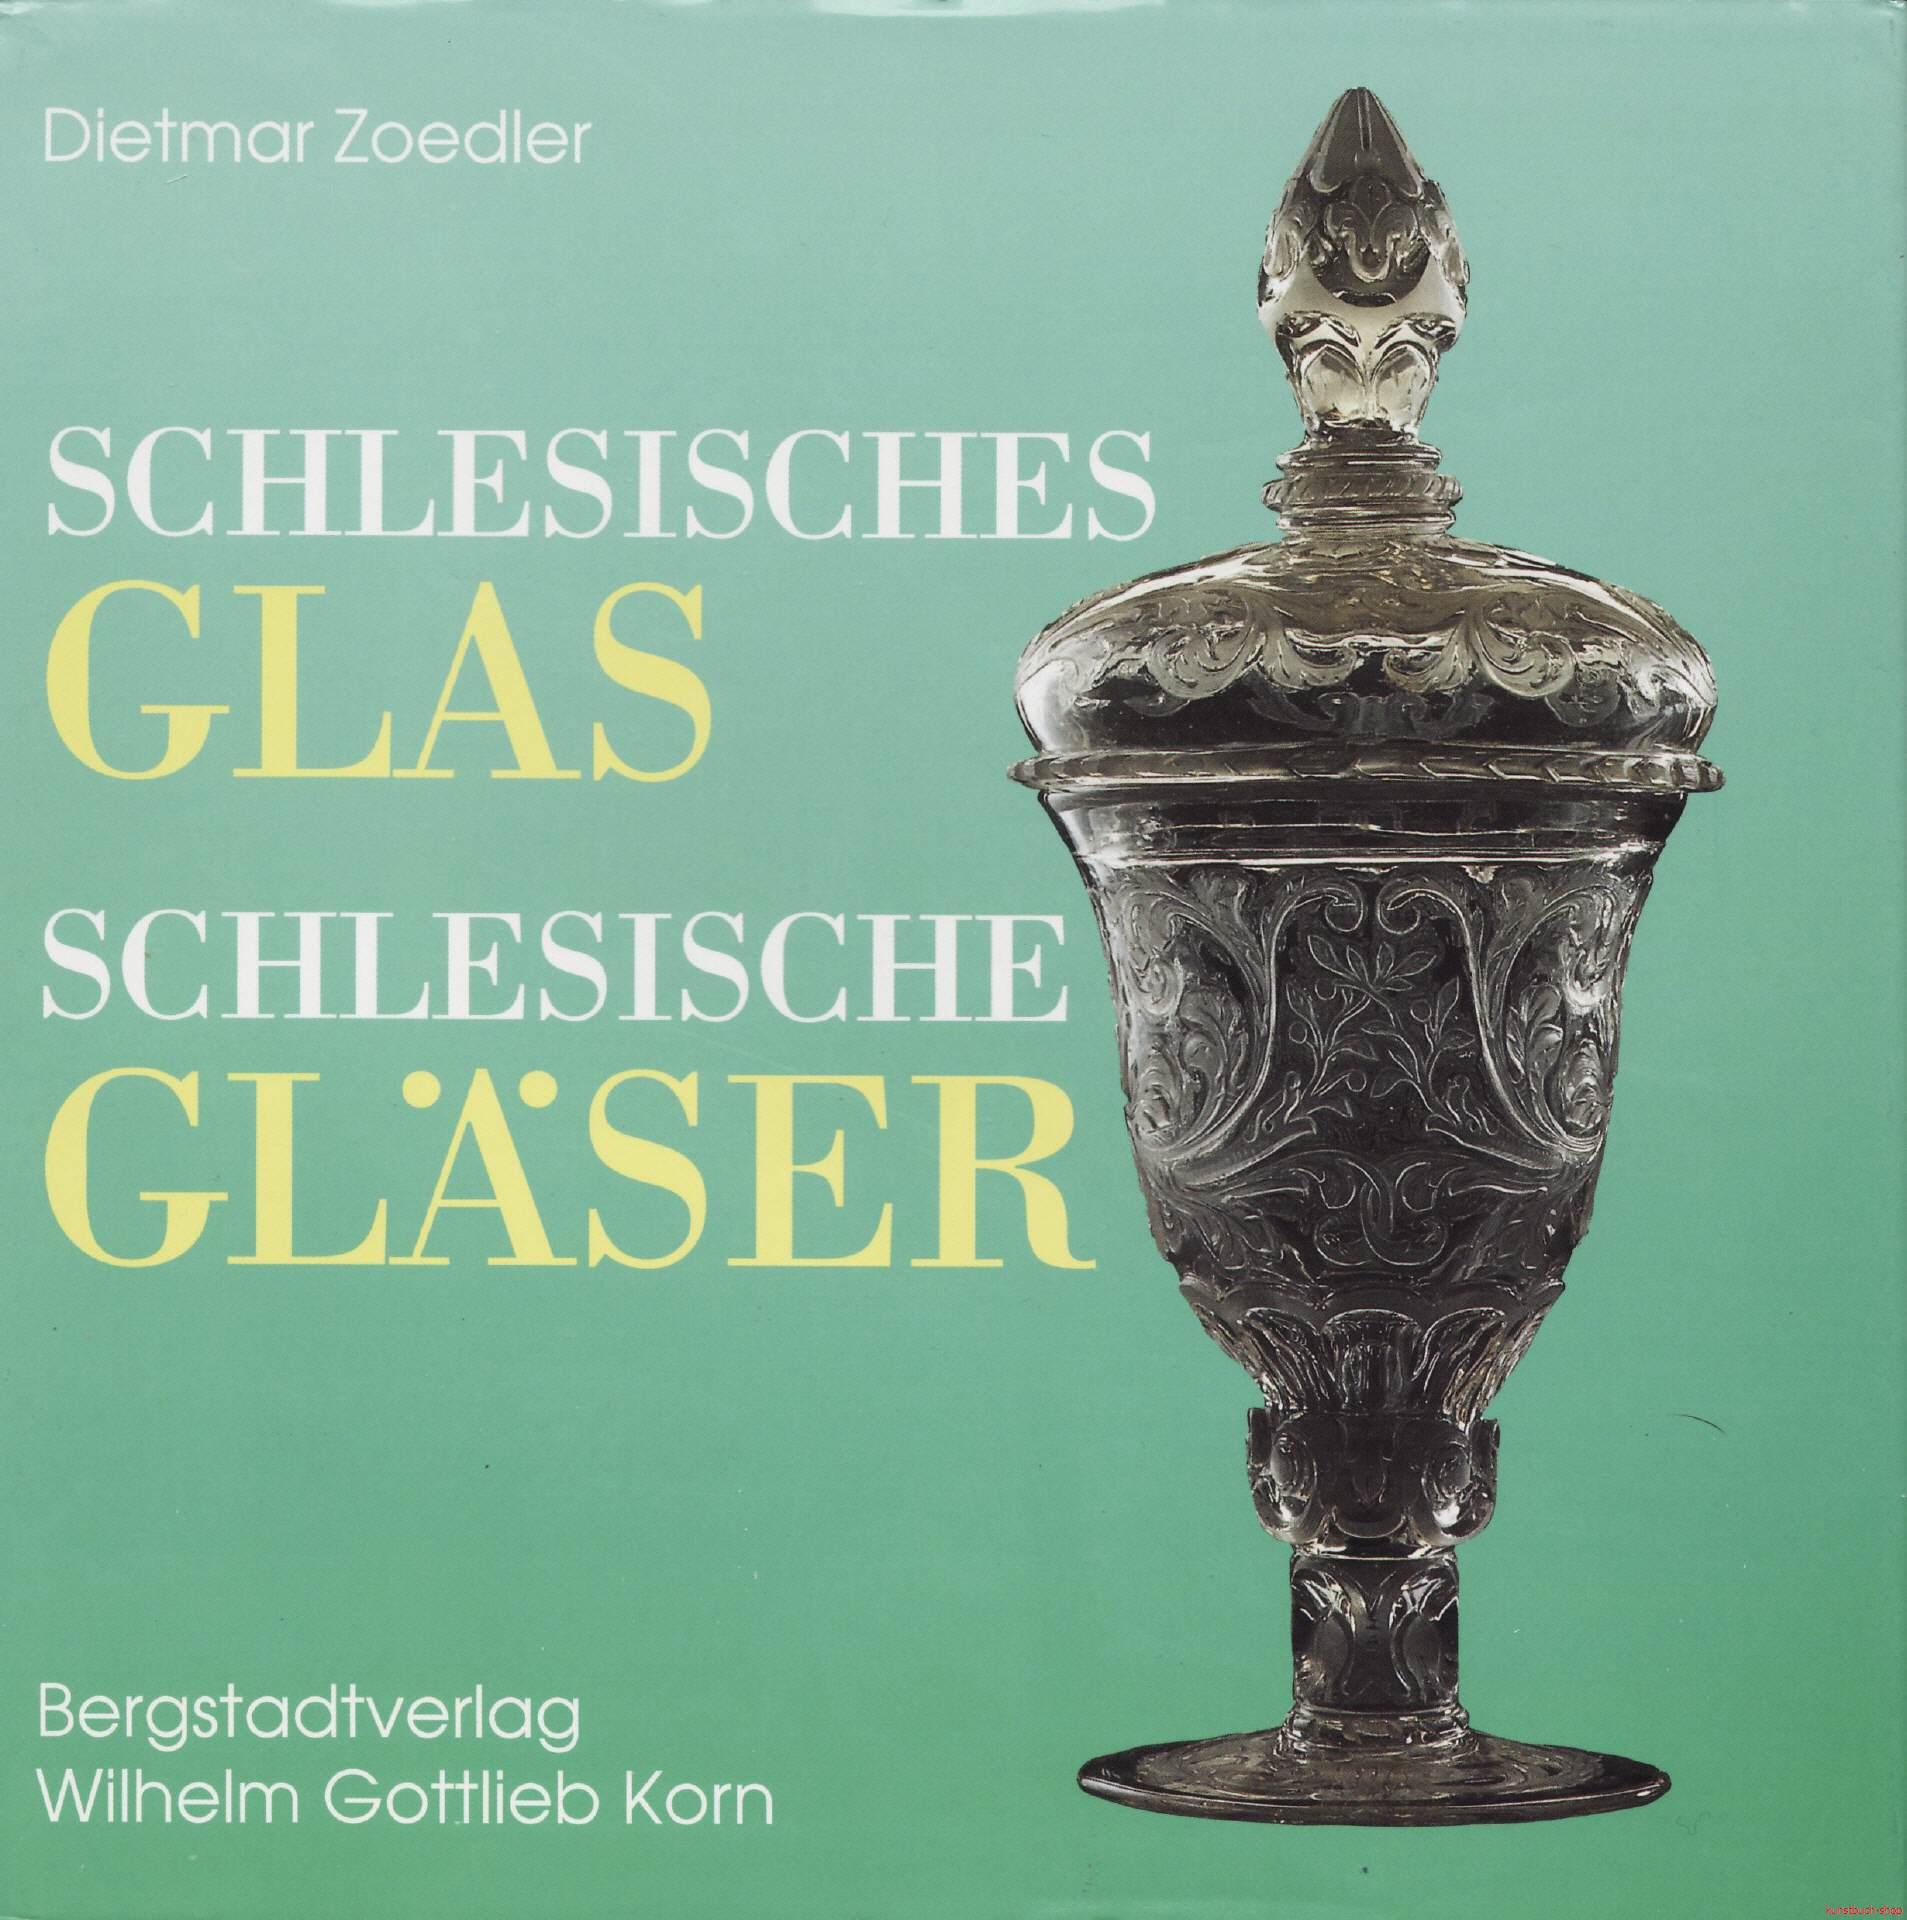 Schlesisches Glas - Schlesische Gläser  Geschichte und Geschichten - Dietmar Zoedler